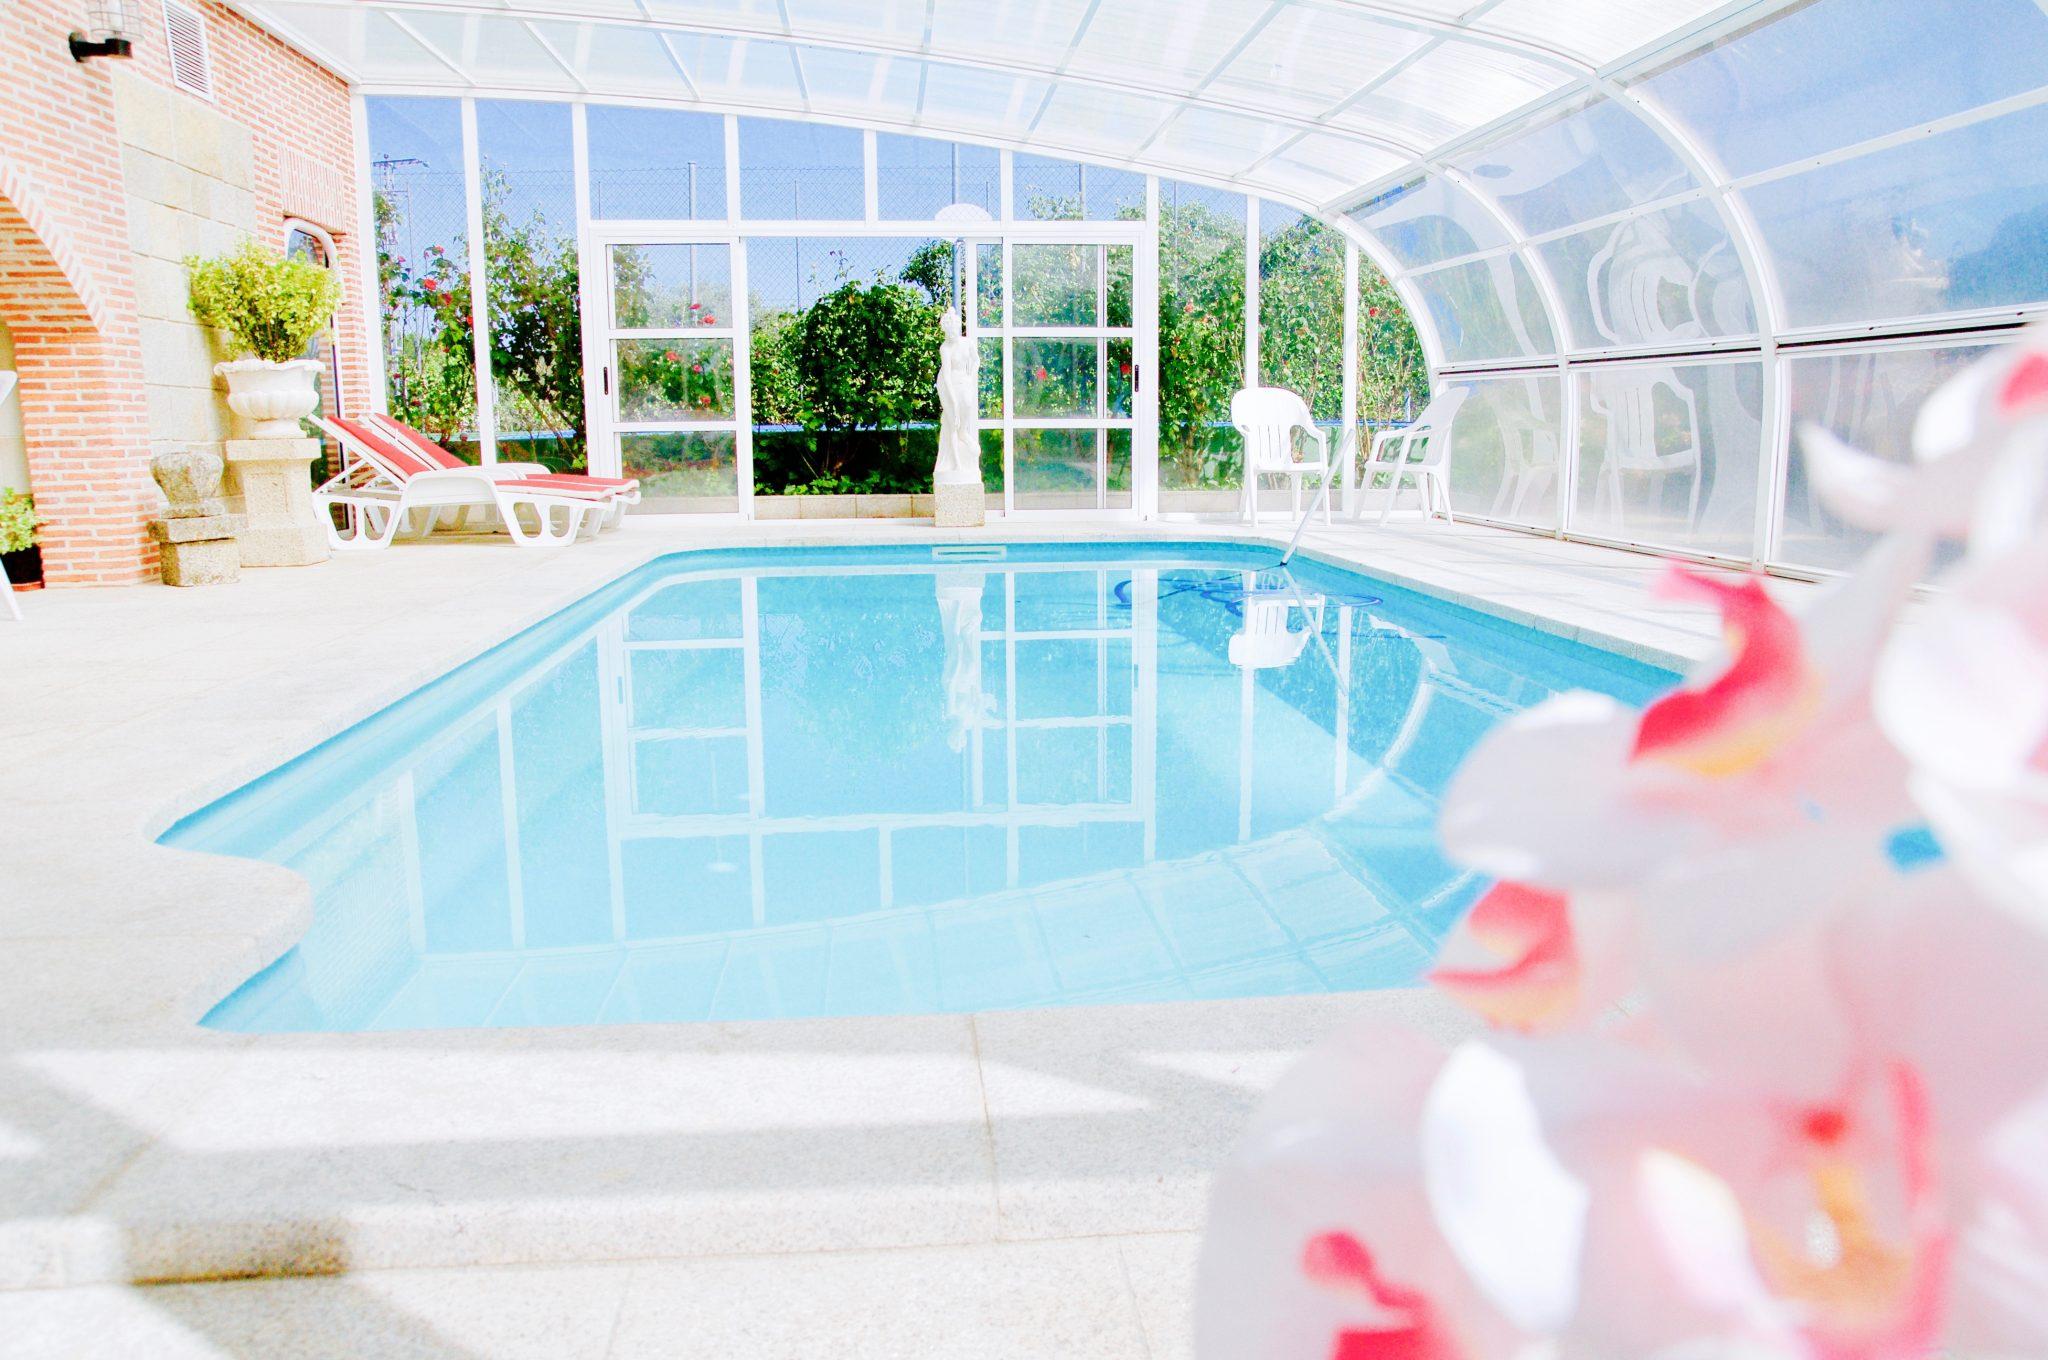 Reservar apartamento en galapagar darha apartamentos for Piscina galapagar